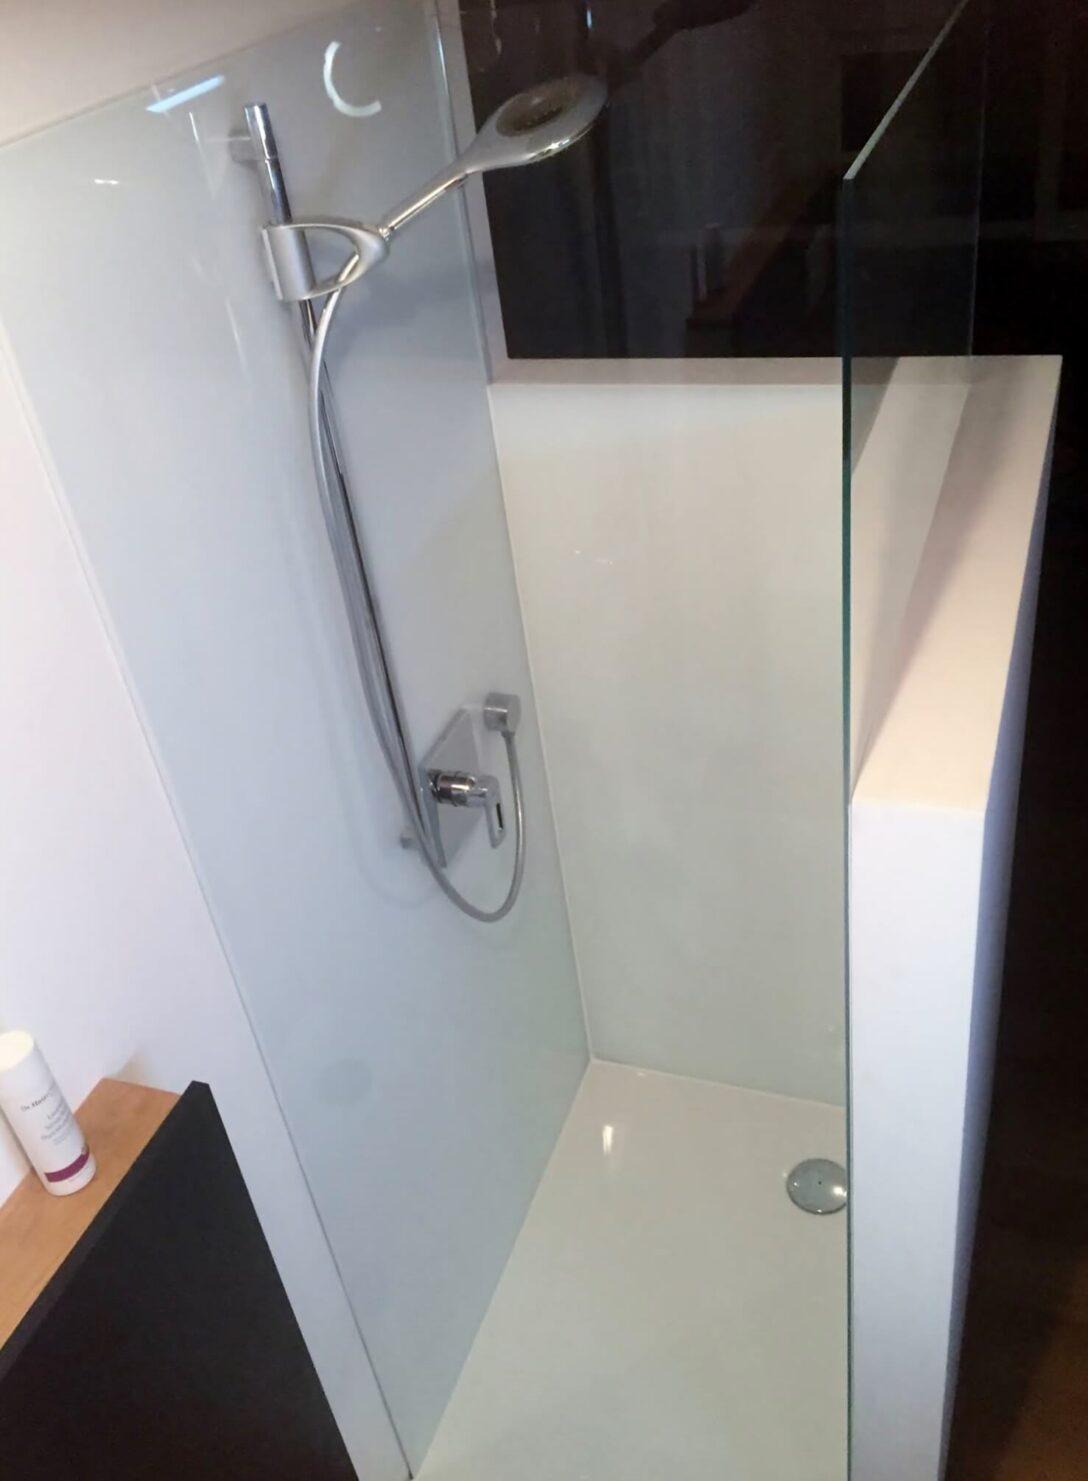 Large Size of Glaswand Dusche Glas Duschrckwand Statt Fliesen In Der Bodengleiche Duschen Moderne Grohe Für Mischbatterie Einhebelmischer Eckeinstieg Begehbare Ohne Tür Dusche Glaswand Dusche